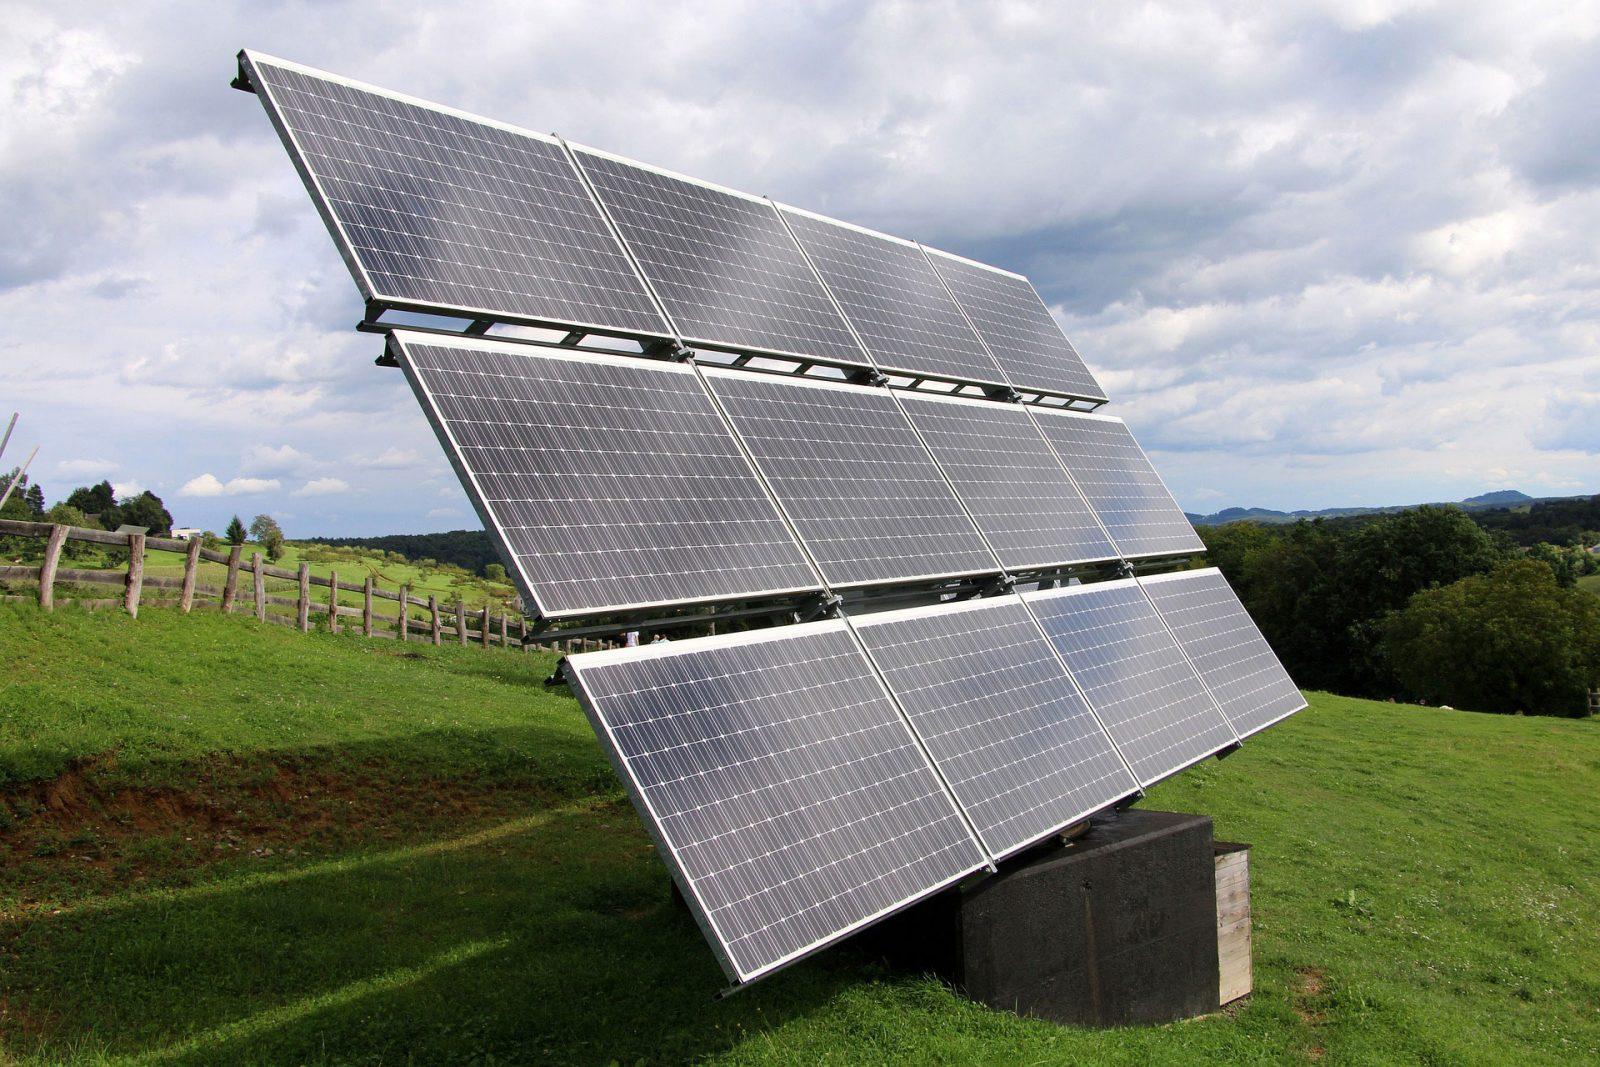 net zero home solar power battery backup energy